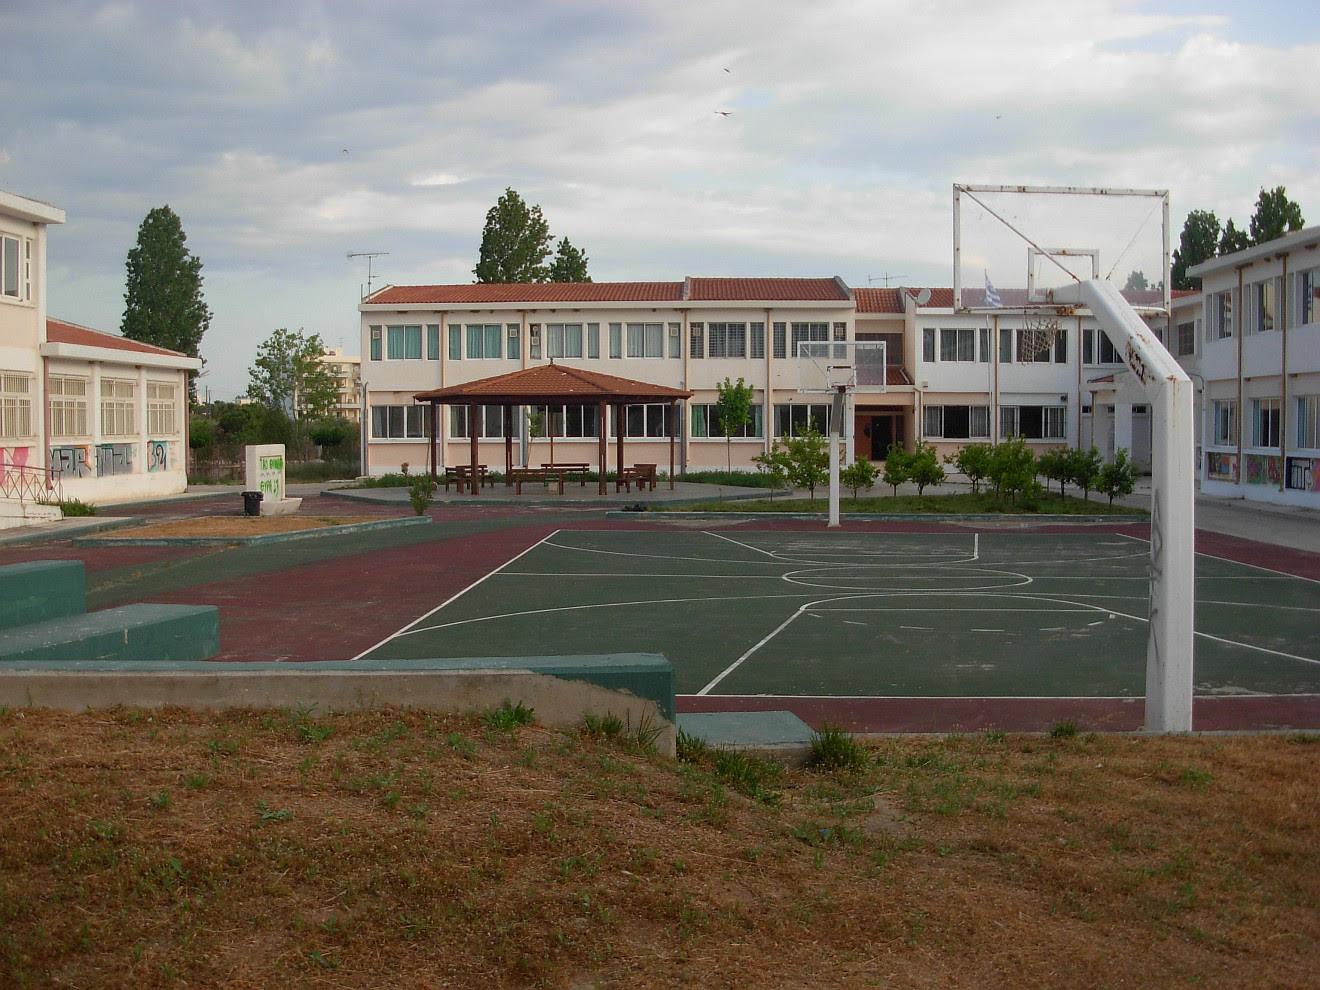 Σχολείο Χυλόκαστρου - χώρος κατασκήνωσης